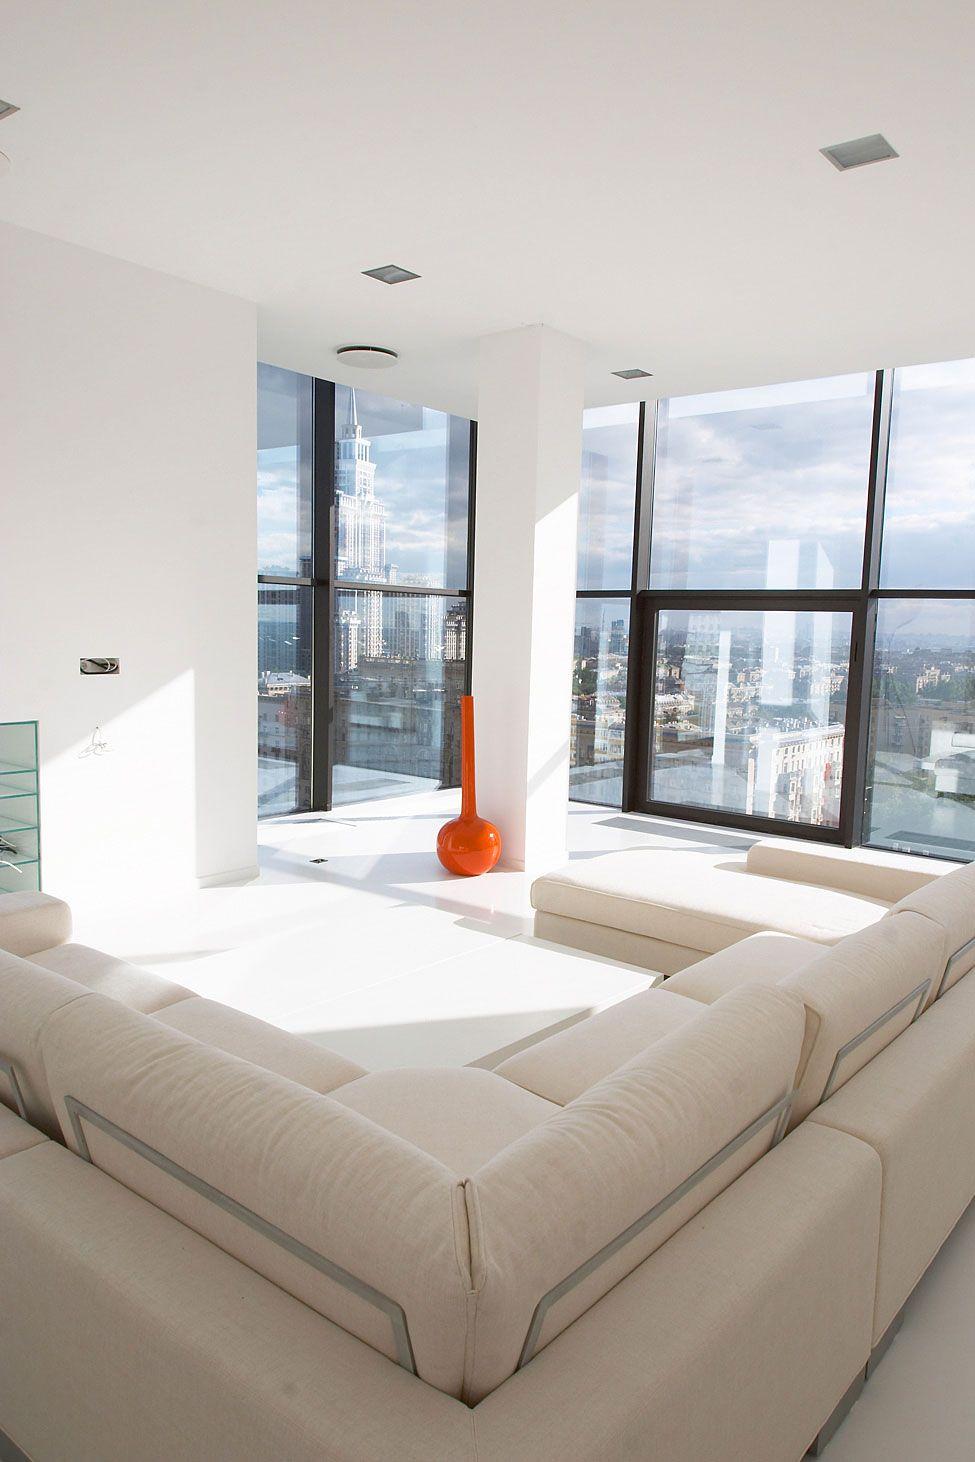 Falcons Nest Penthouse By Apk Studio 5 Homedsgn Apartment Decor Penthouse Living Home Goods Decor [ 1462 x 975 Pixel ]